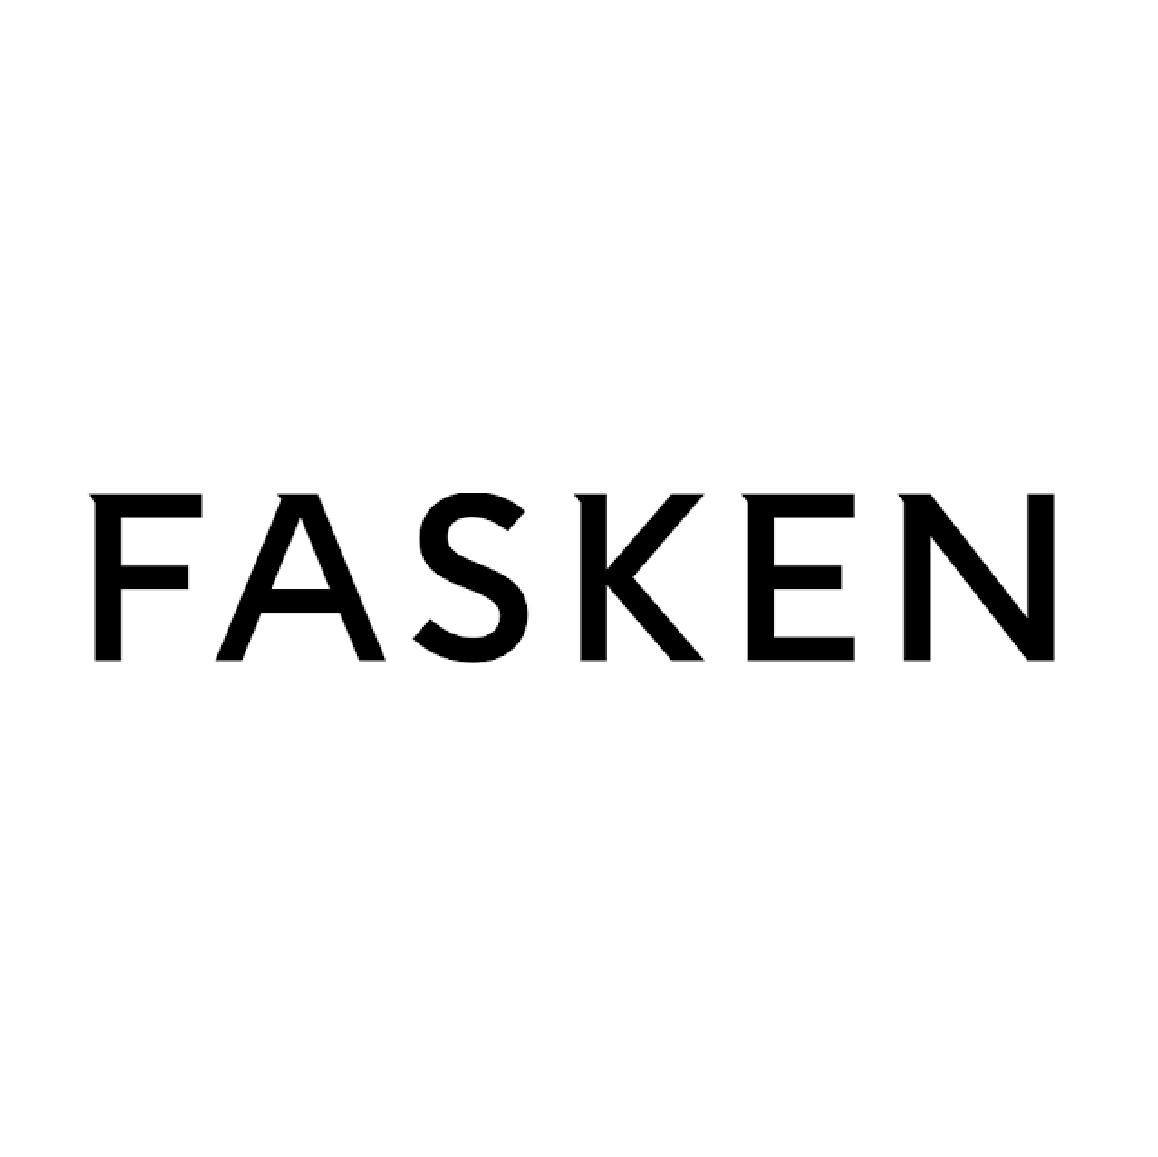 FASKEN